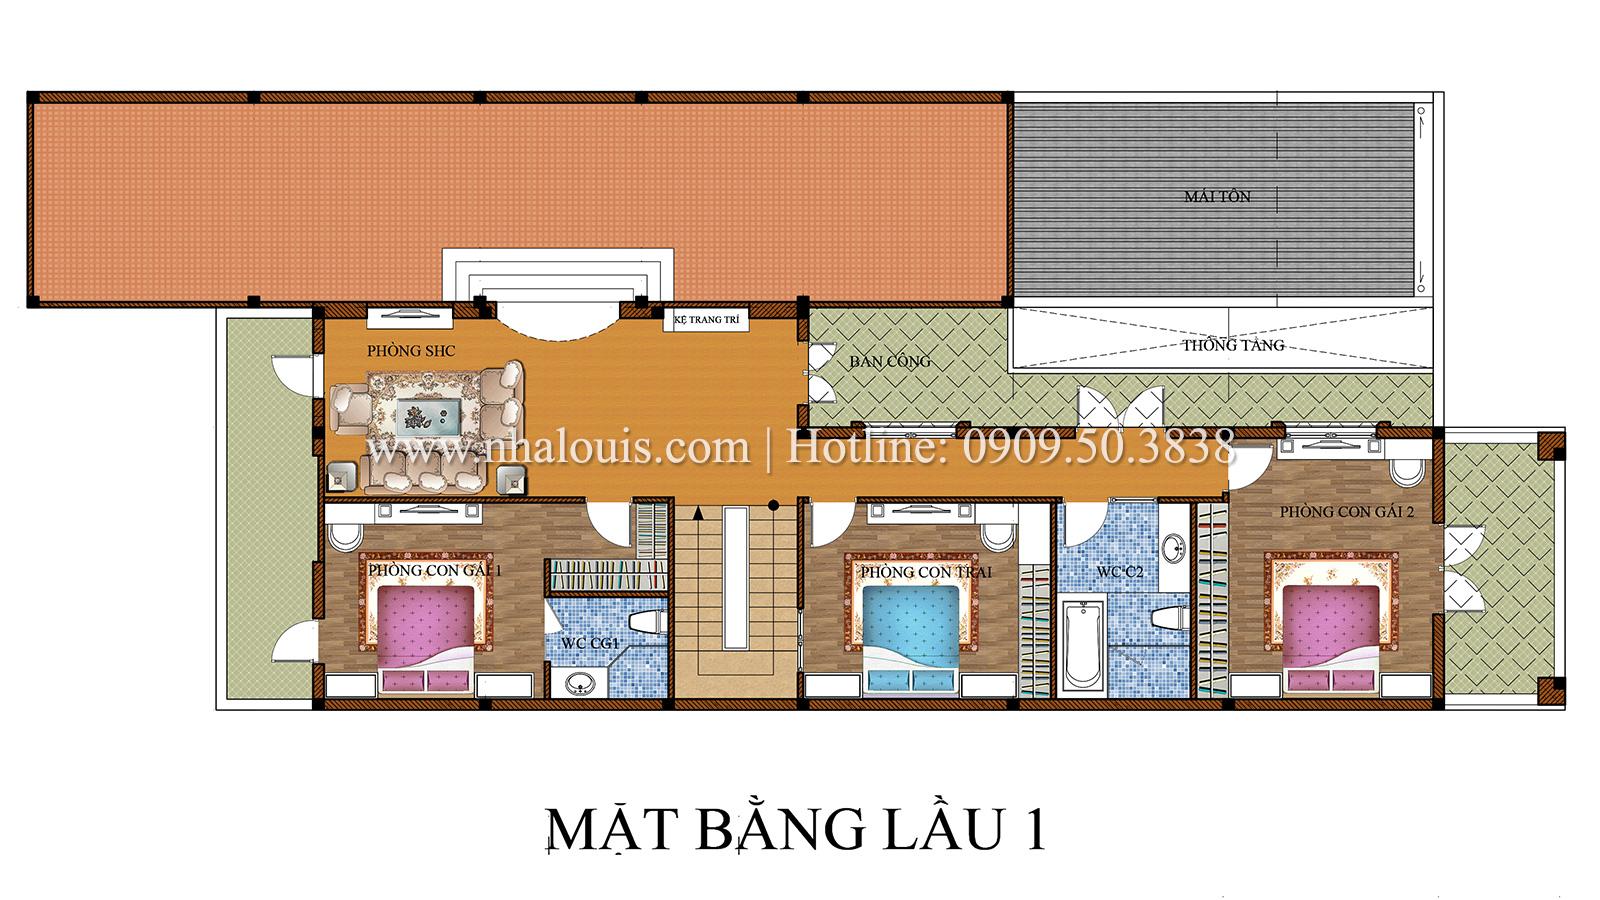 Thiết kế biệt thự cổ điển kết hợp kinh doanh tại Đồng Nai diễm lệ và kiêu sa - 15